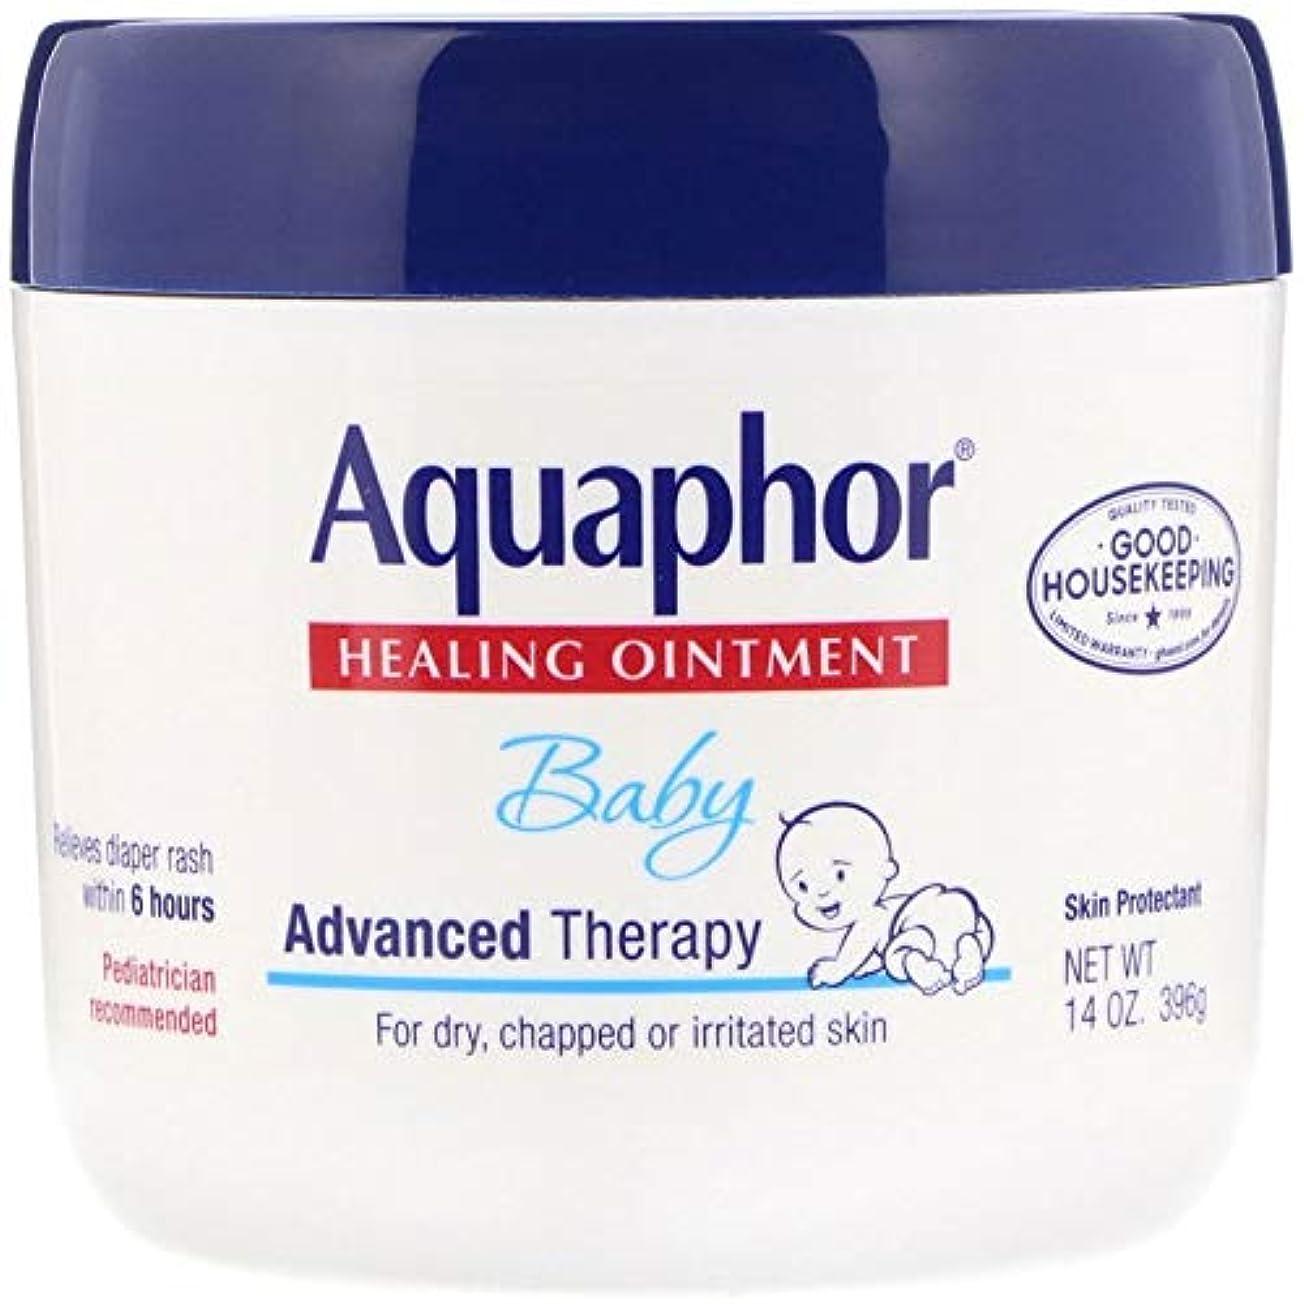 怒る分析的なスズメバチAquaphor Baby Healing Ointment Advanced Therapy Skin Protectant 14オンス(396 g)X 3パック